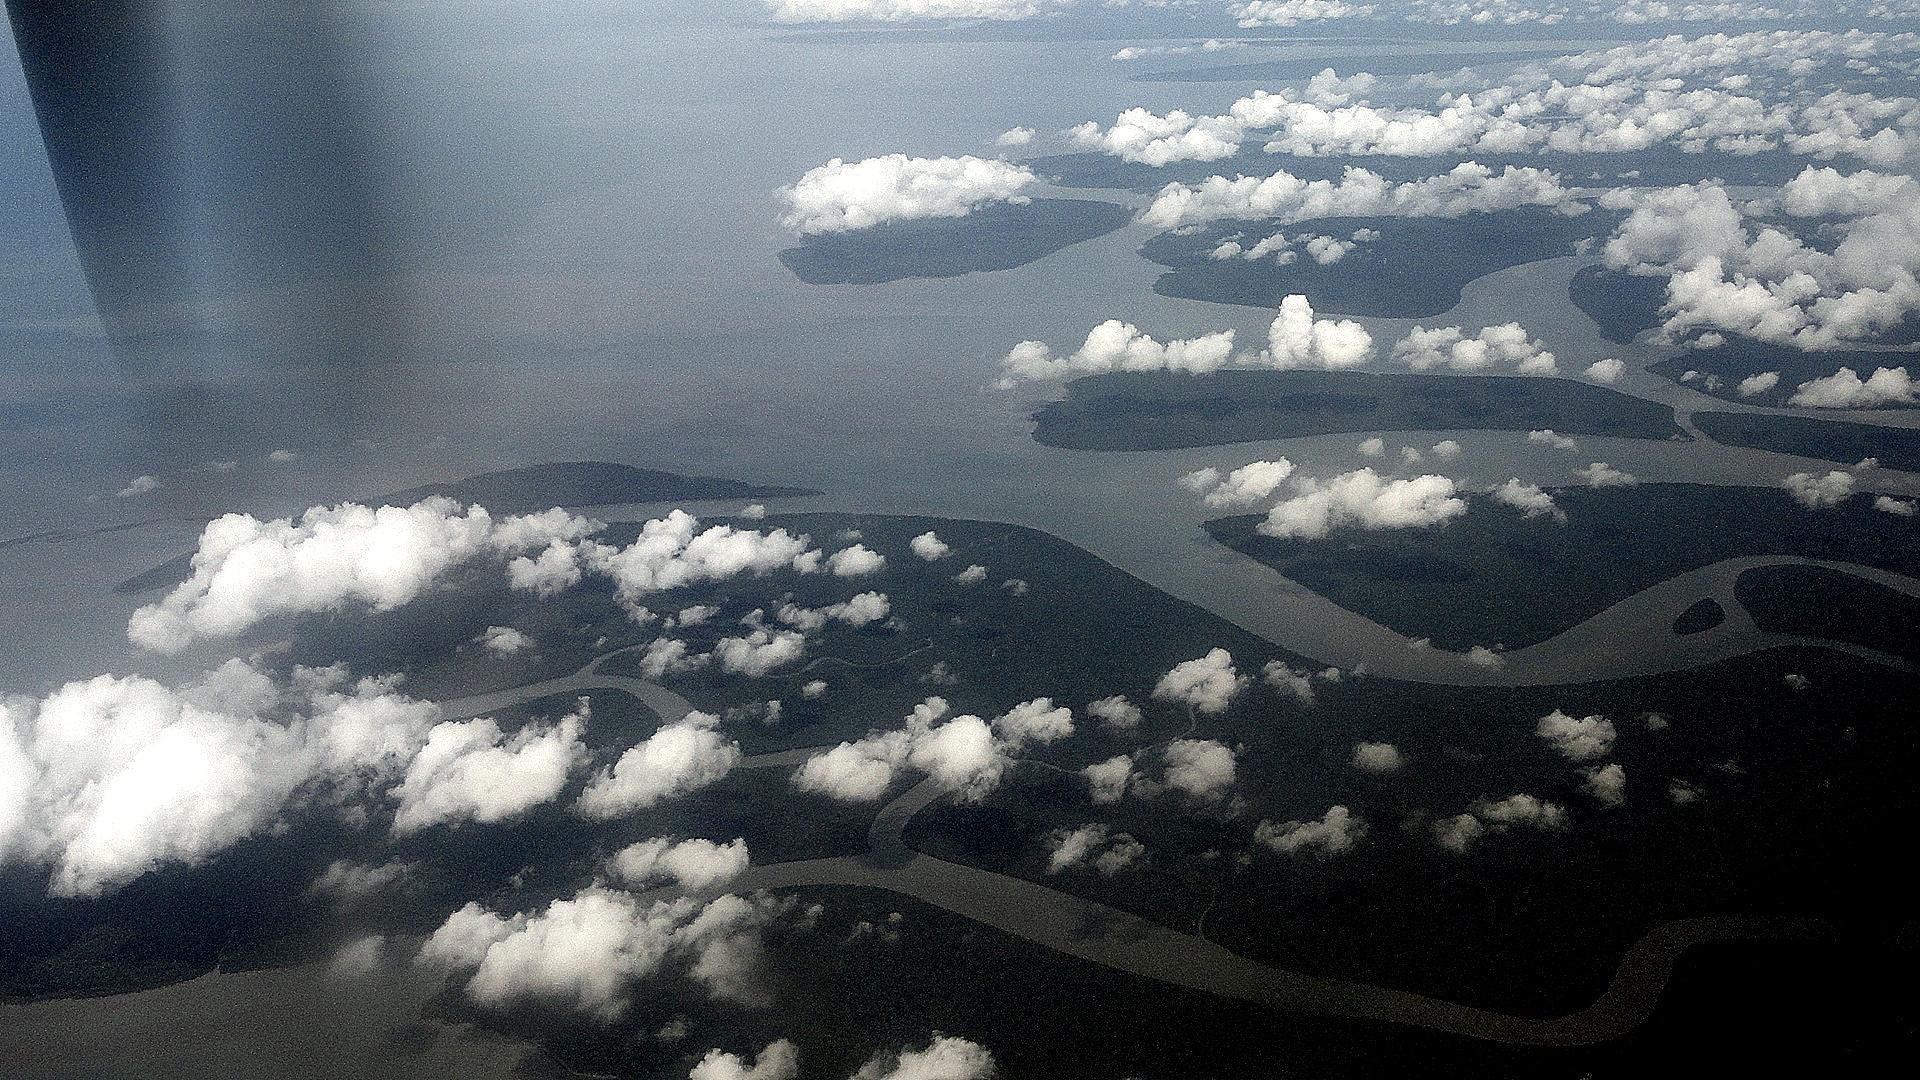 Islands & Clouds at Gulf-Coast Delta 2